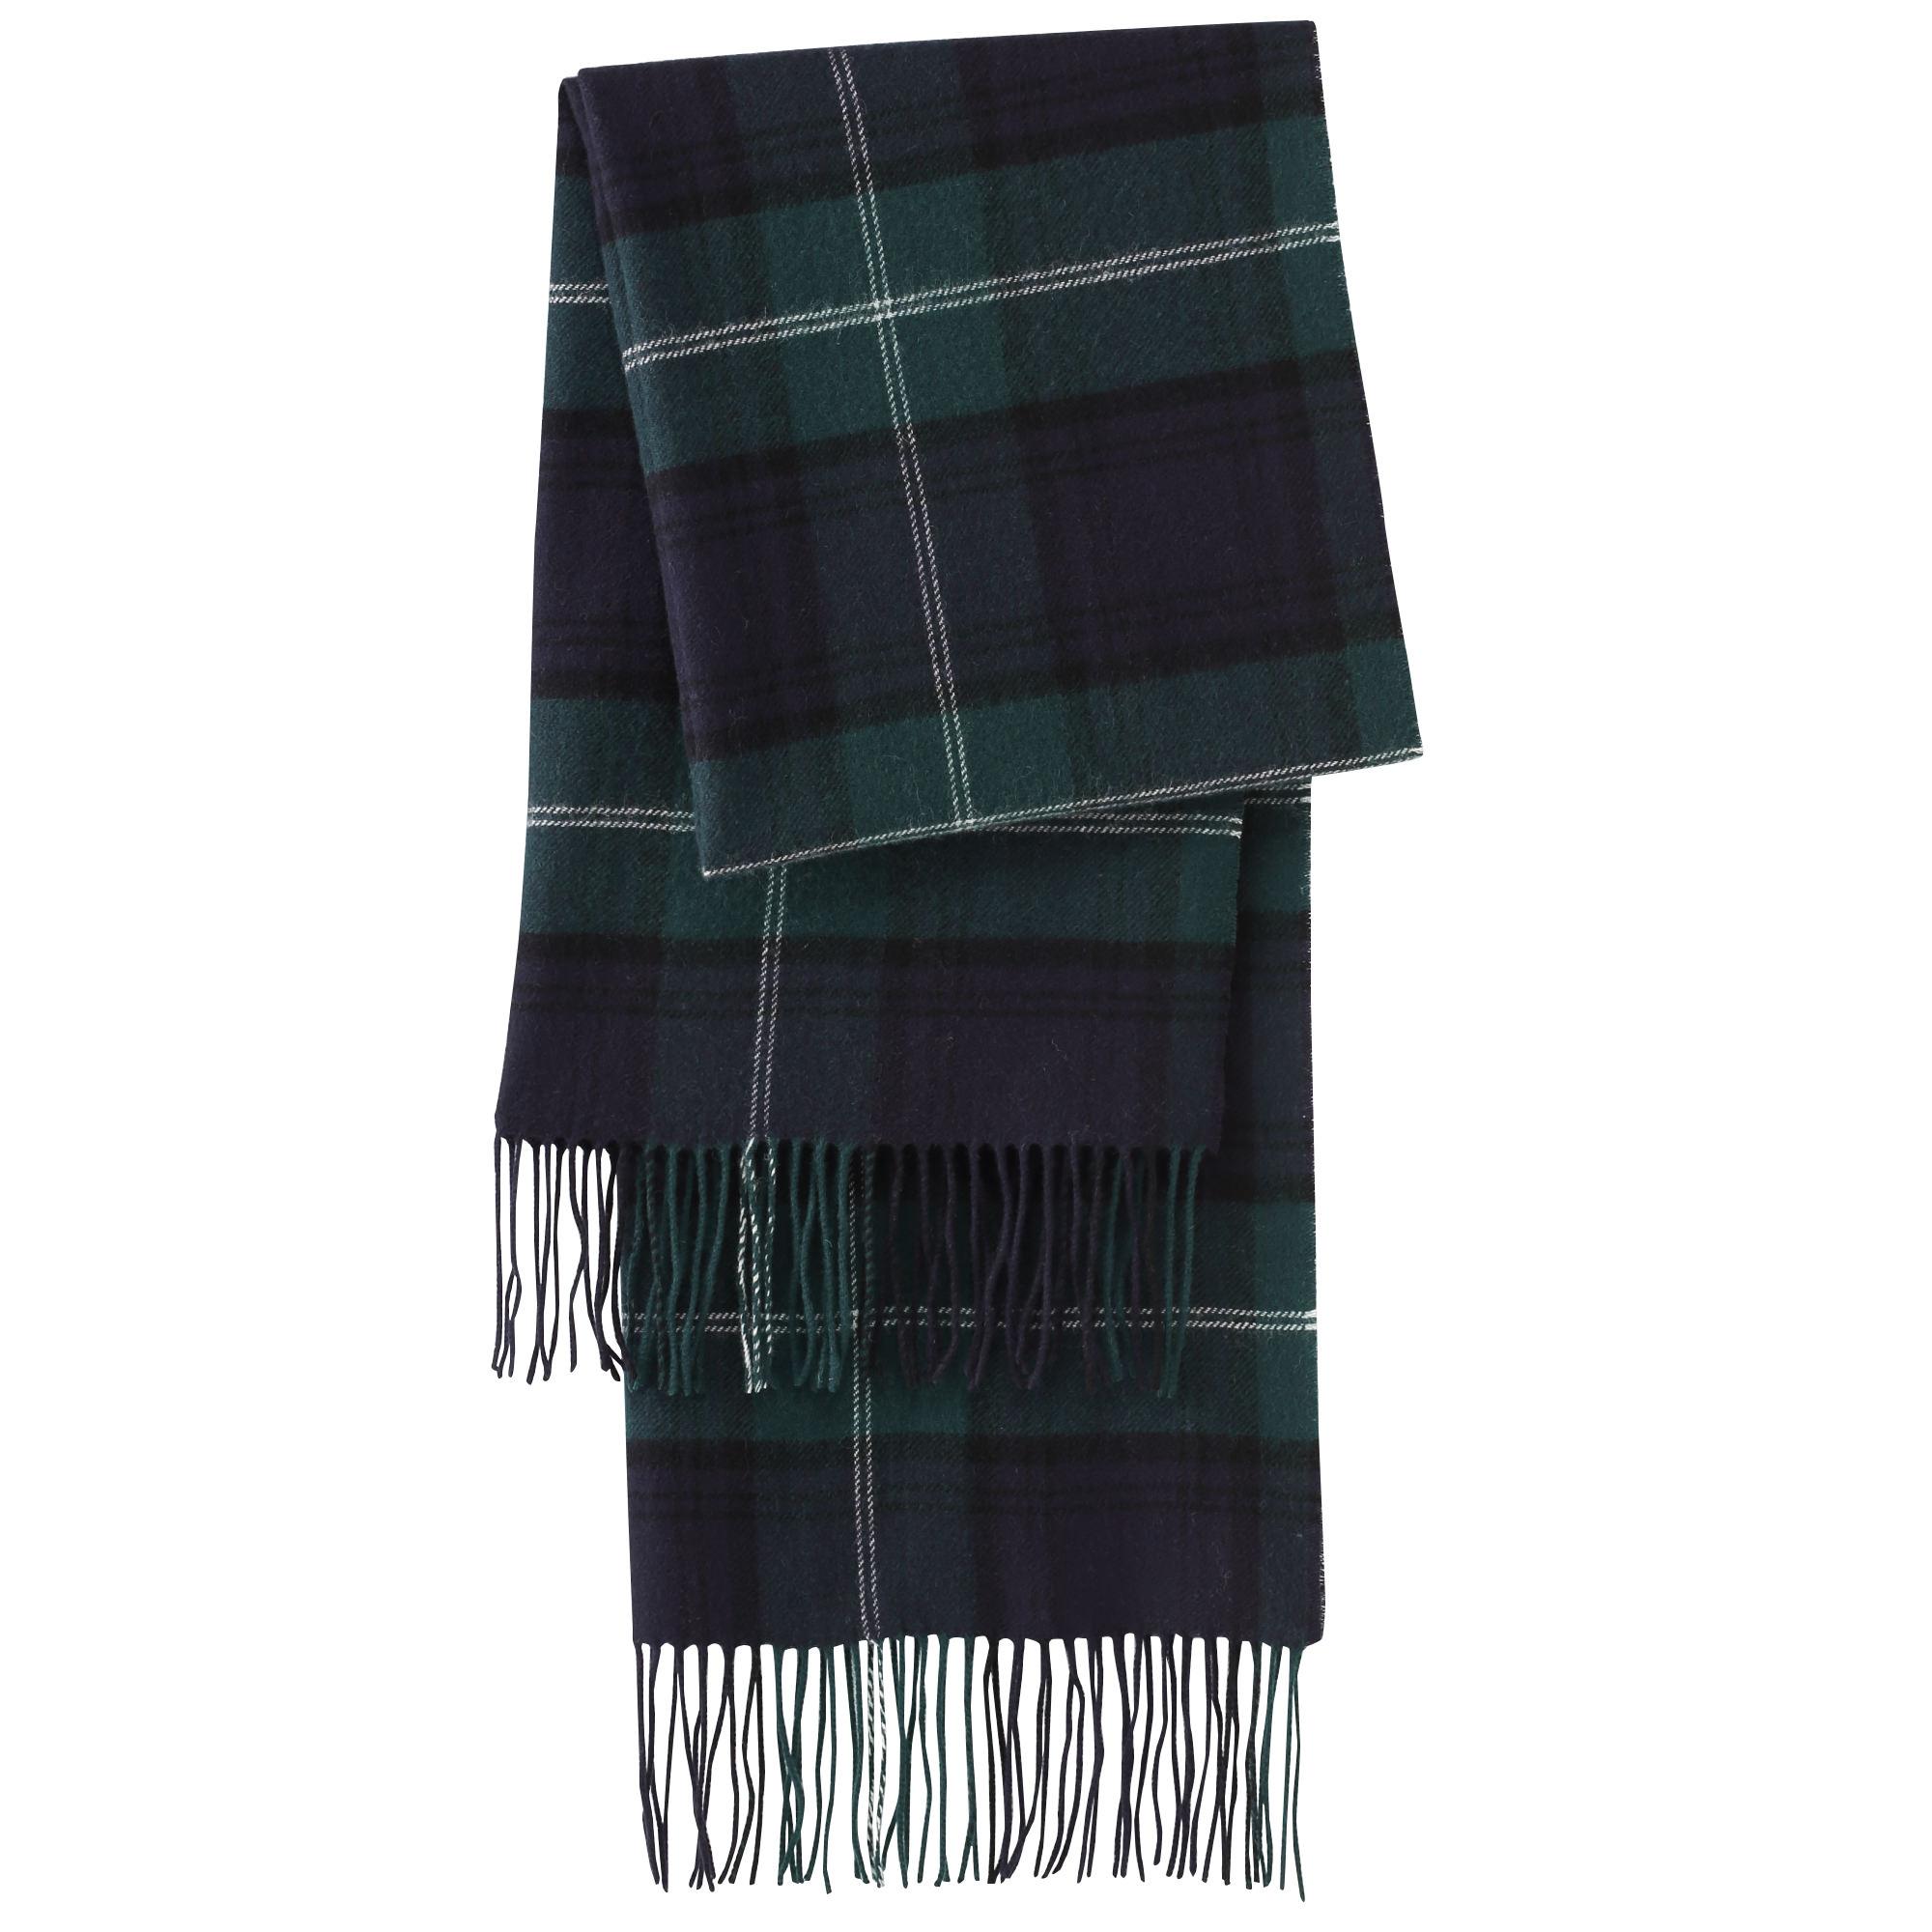 Wool Woven Large Stole U.P. $49 (Less 10%)